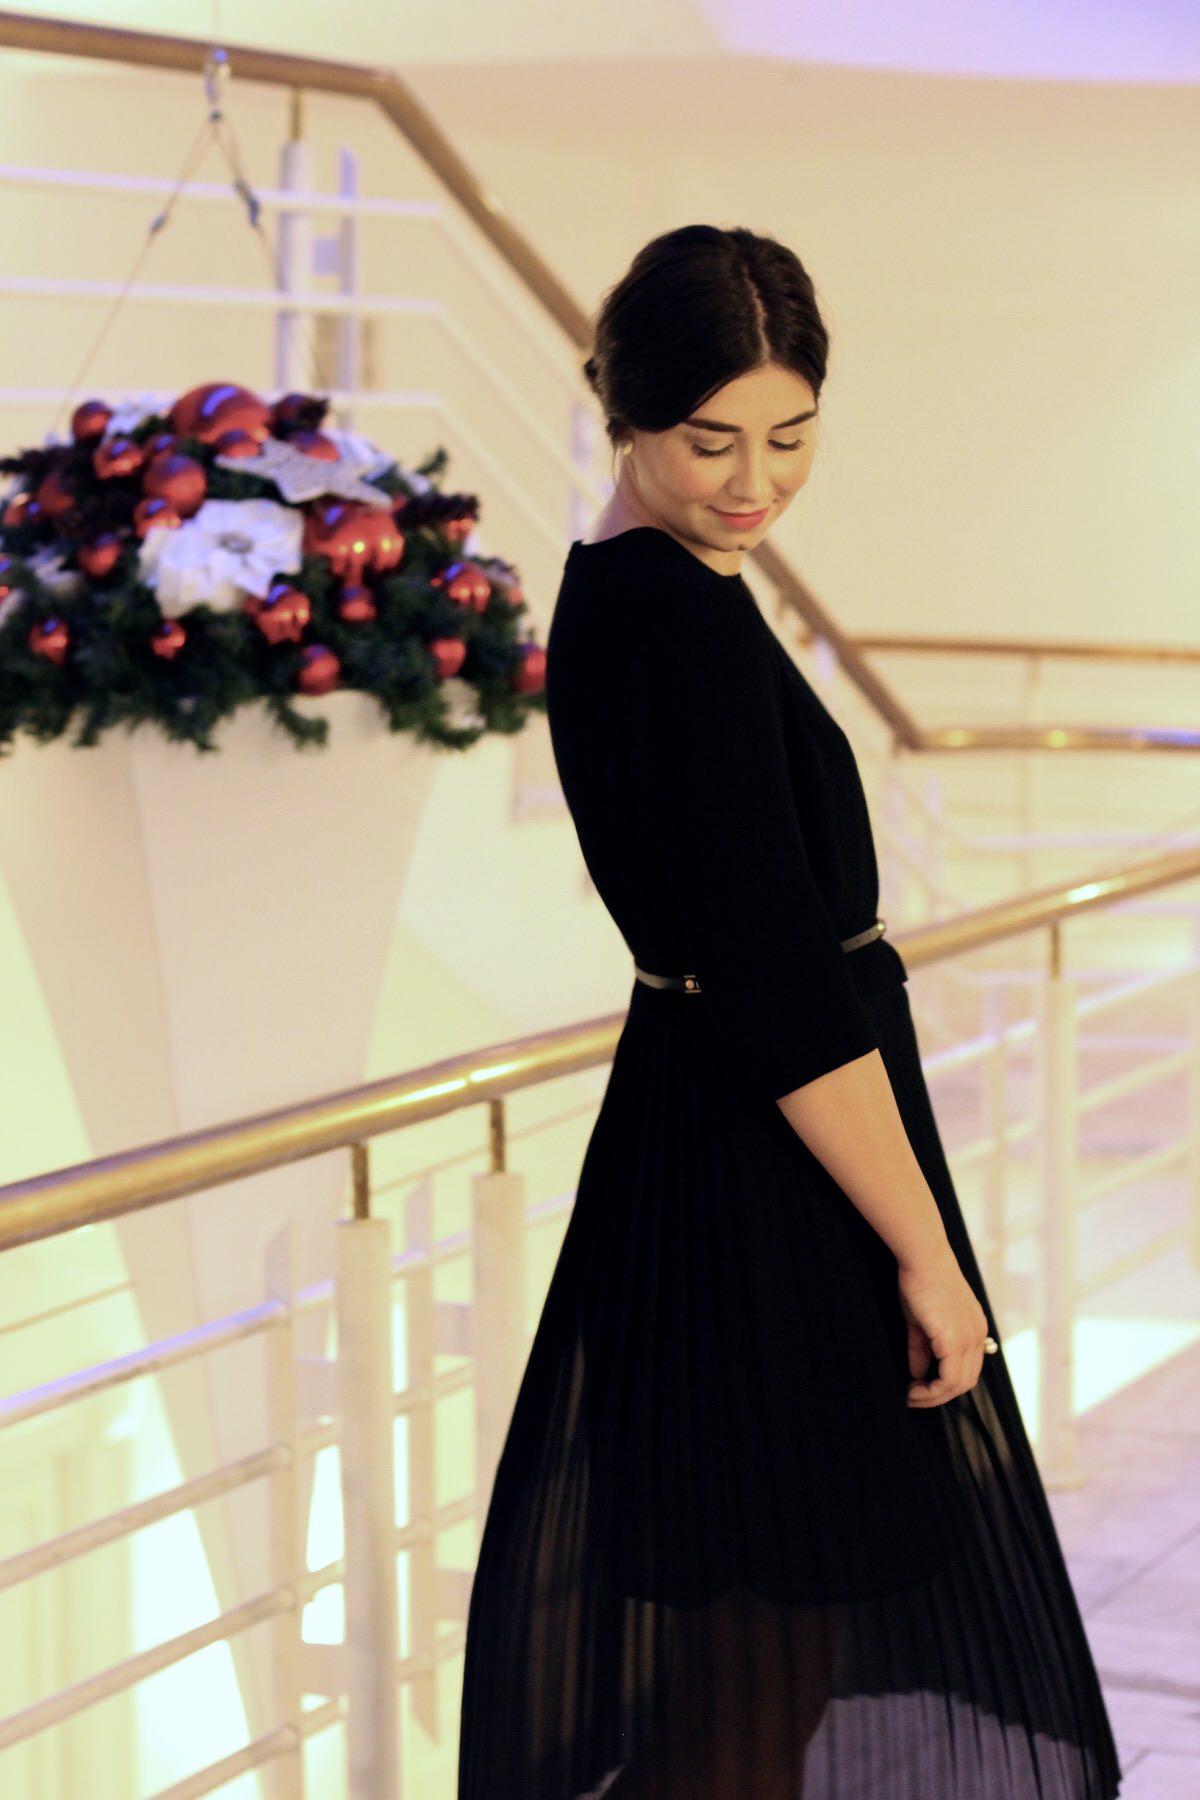 Zara Kleid, Prada Pumps, Weihnachtsoutfit